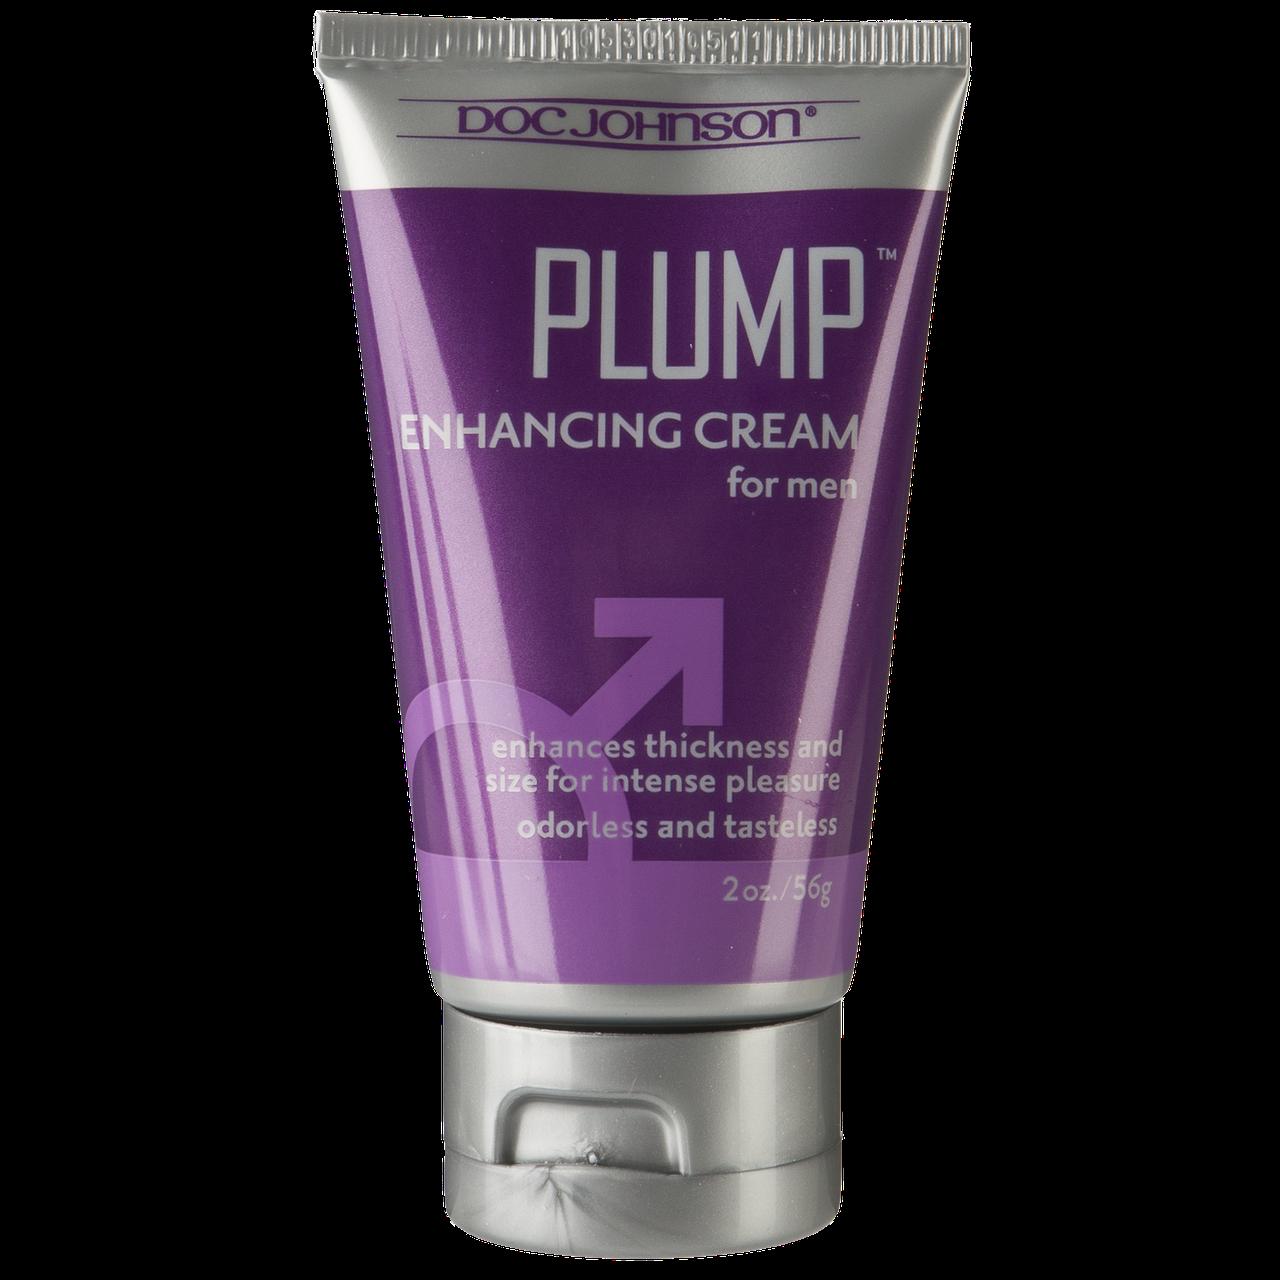 Крем для увеличения члена Doc Johnson Plump - Enhancing Cream For Men 56 мл (SO1564)